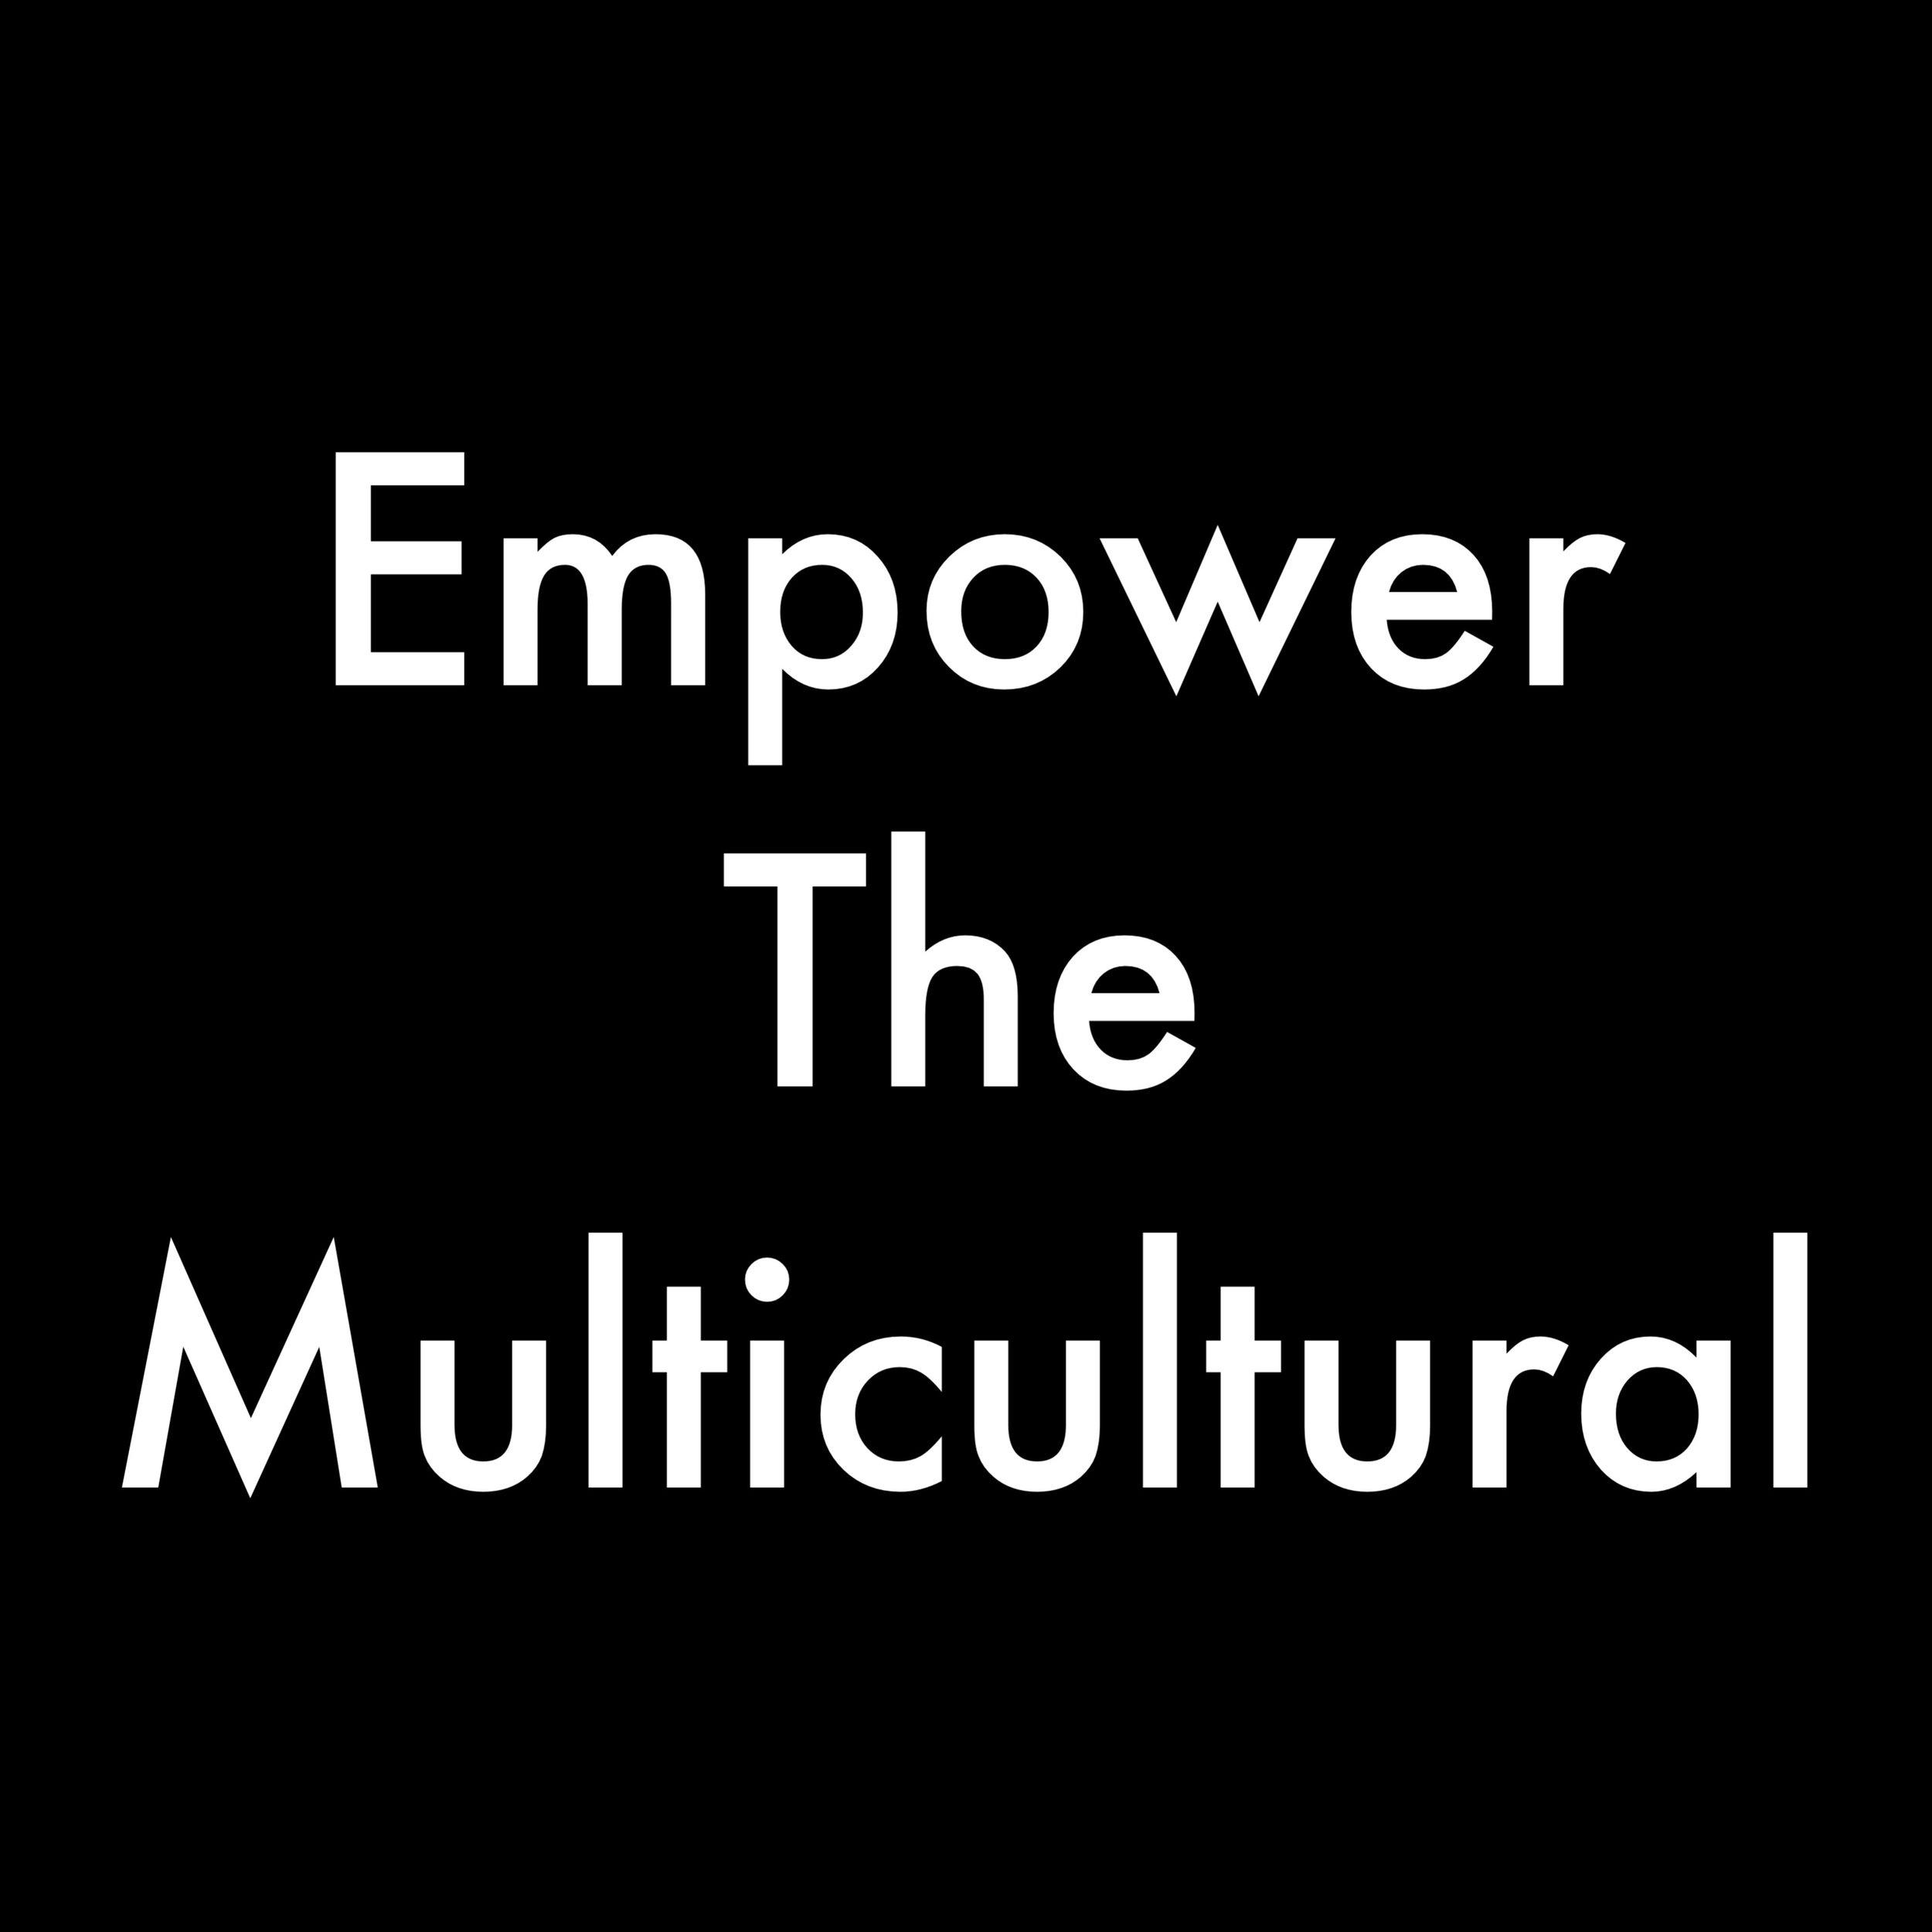 EmpowertheMulticultural.JPG